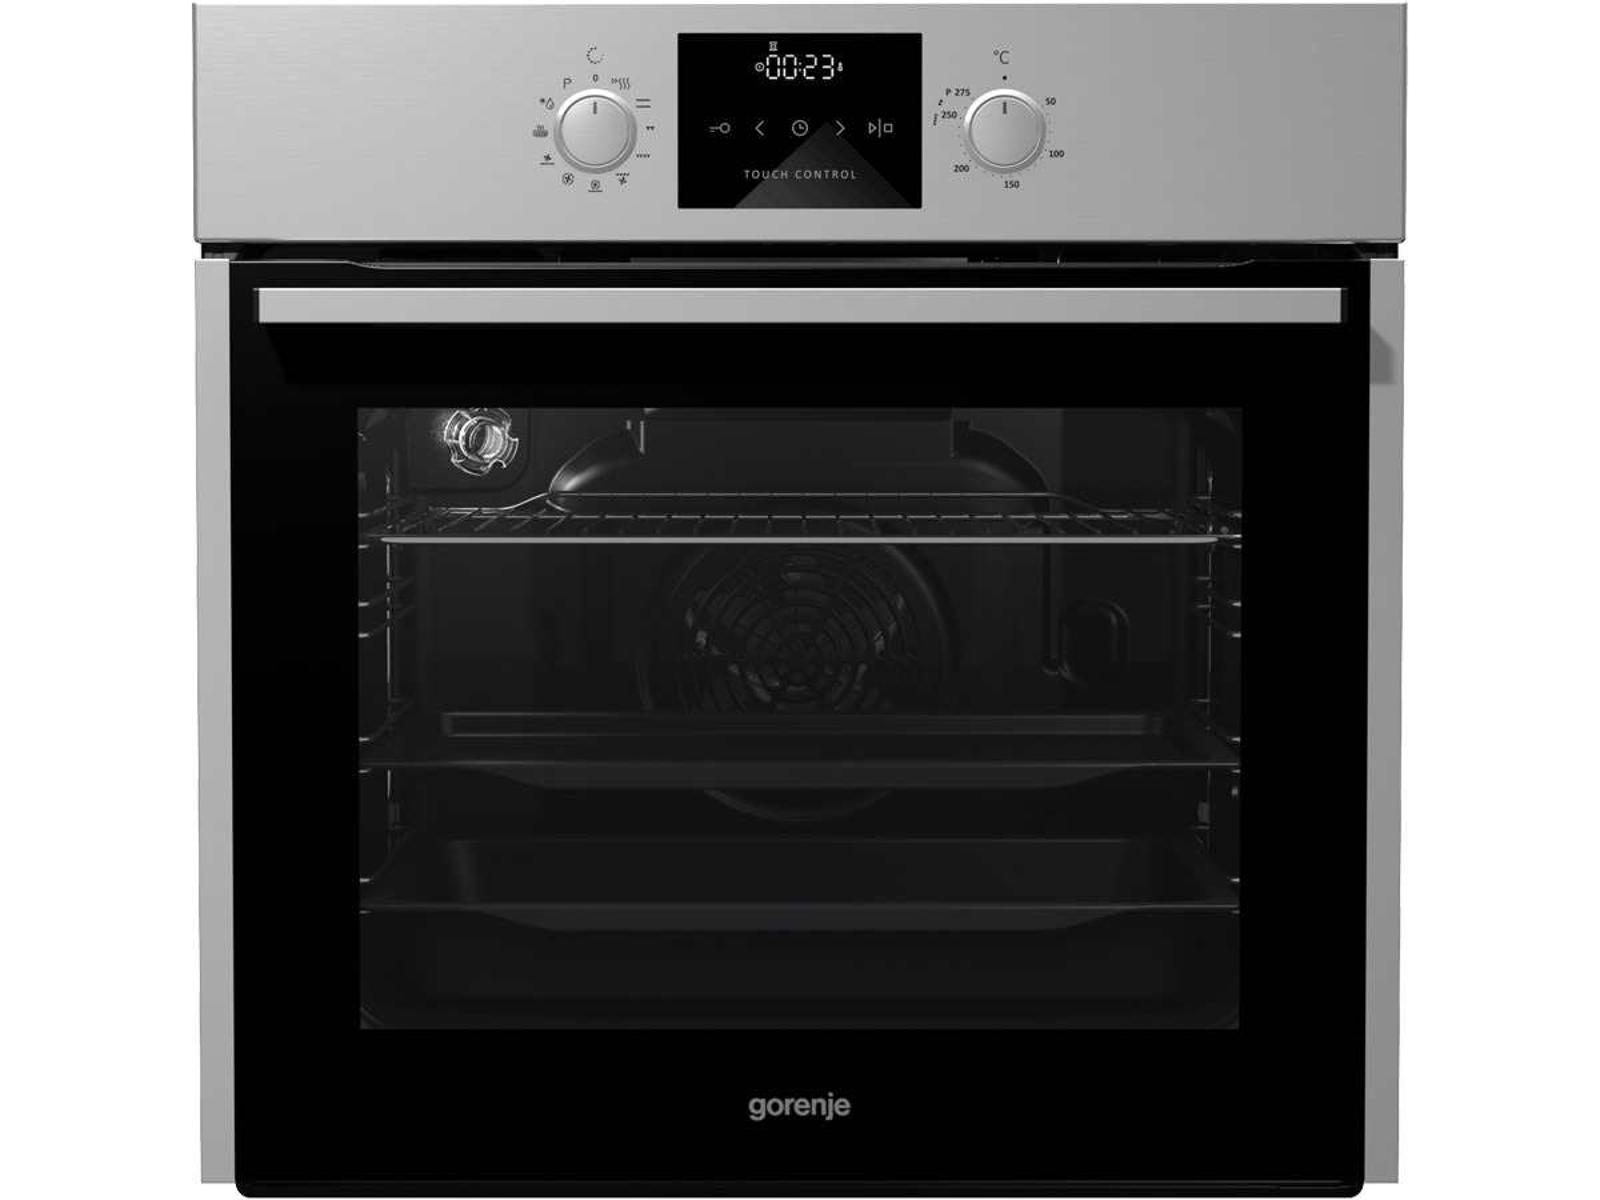 Gorenje Black Pepper Set B01 Pyrolyse Backofen BOP 637 E11X + Induktionskochfeld IS 756 USC